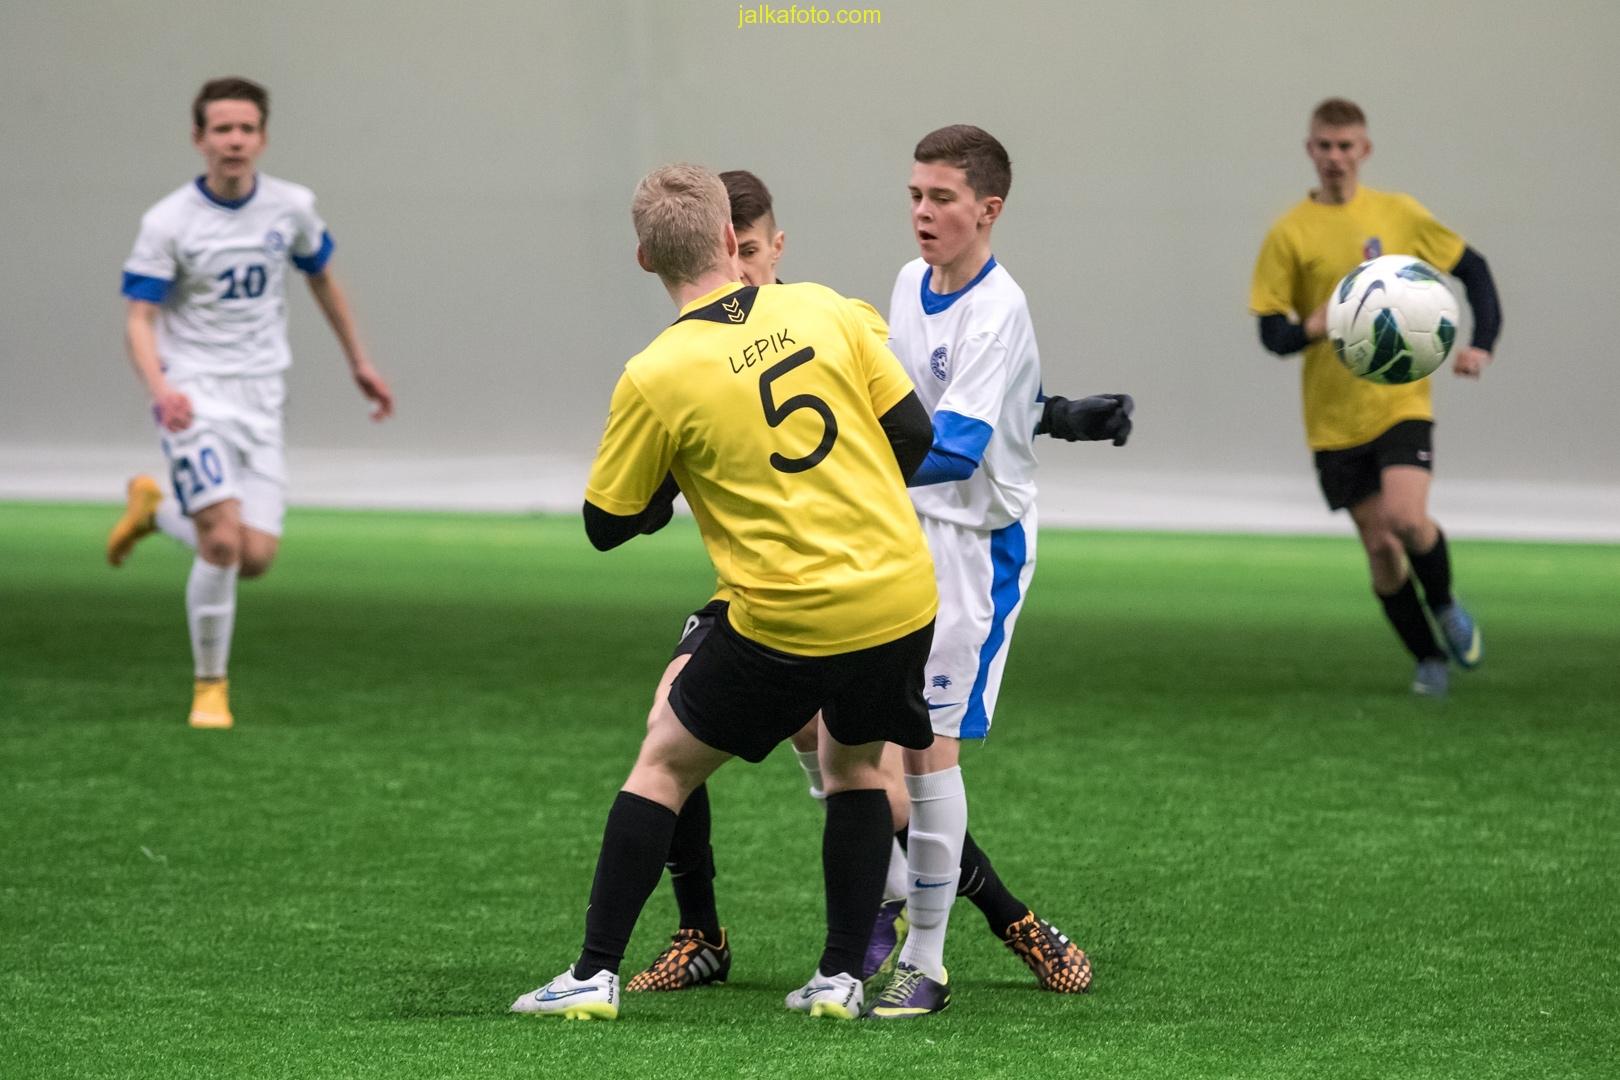 bf3629510f1 Eesti U-15 -Pärnu JK Vaprus (26.03.2015) (5 of